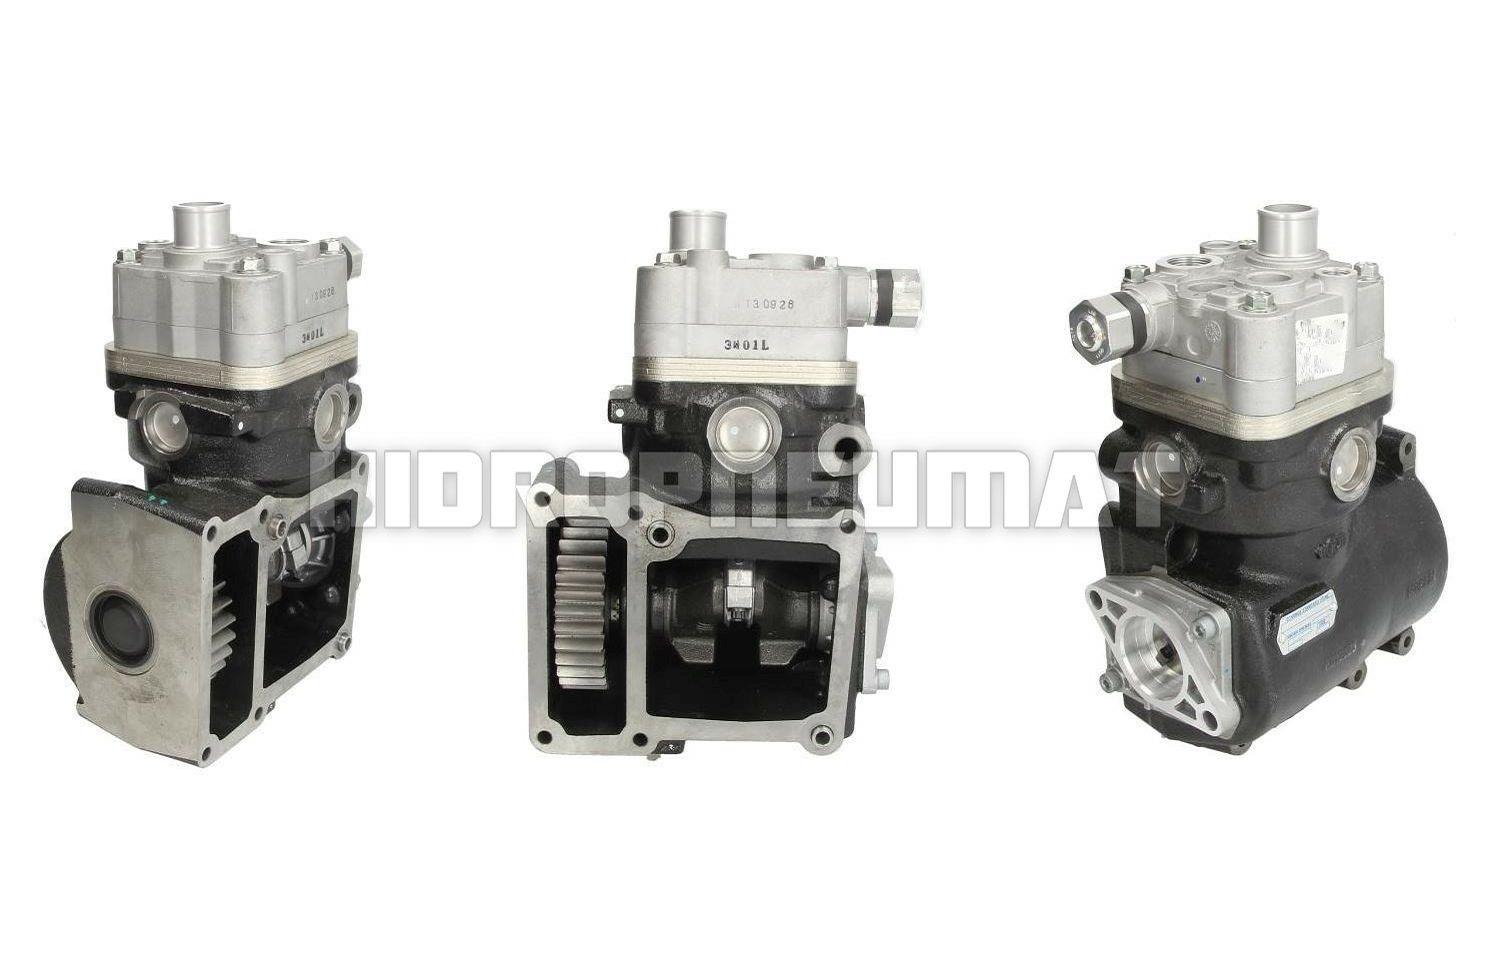 kompresor-knorr-man-tga-lp3997-no-old-core-125437_1.jpg